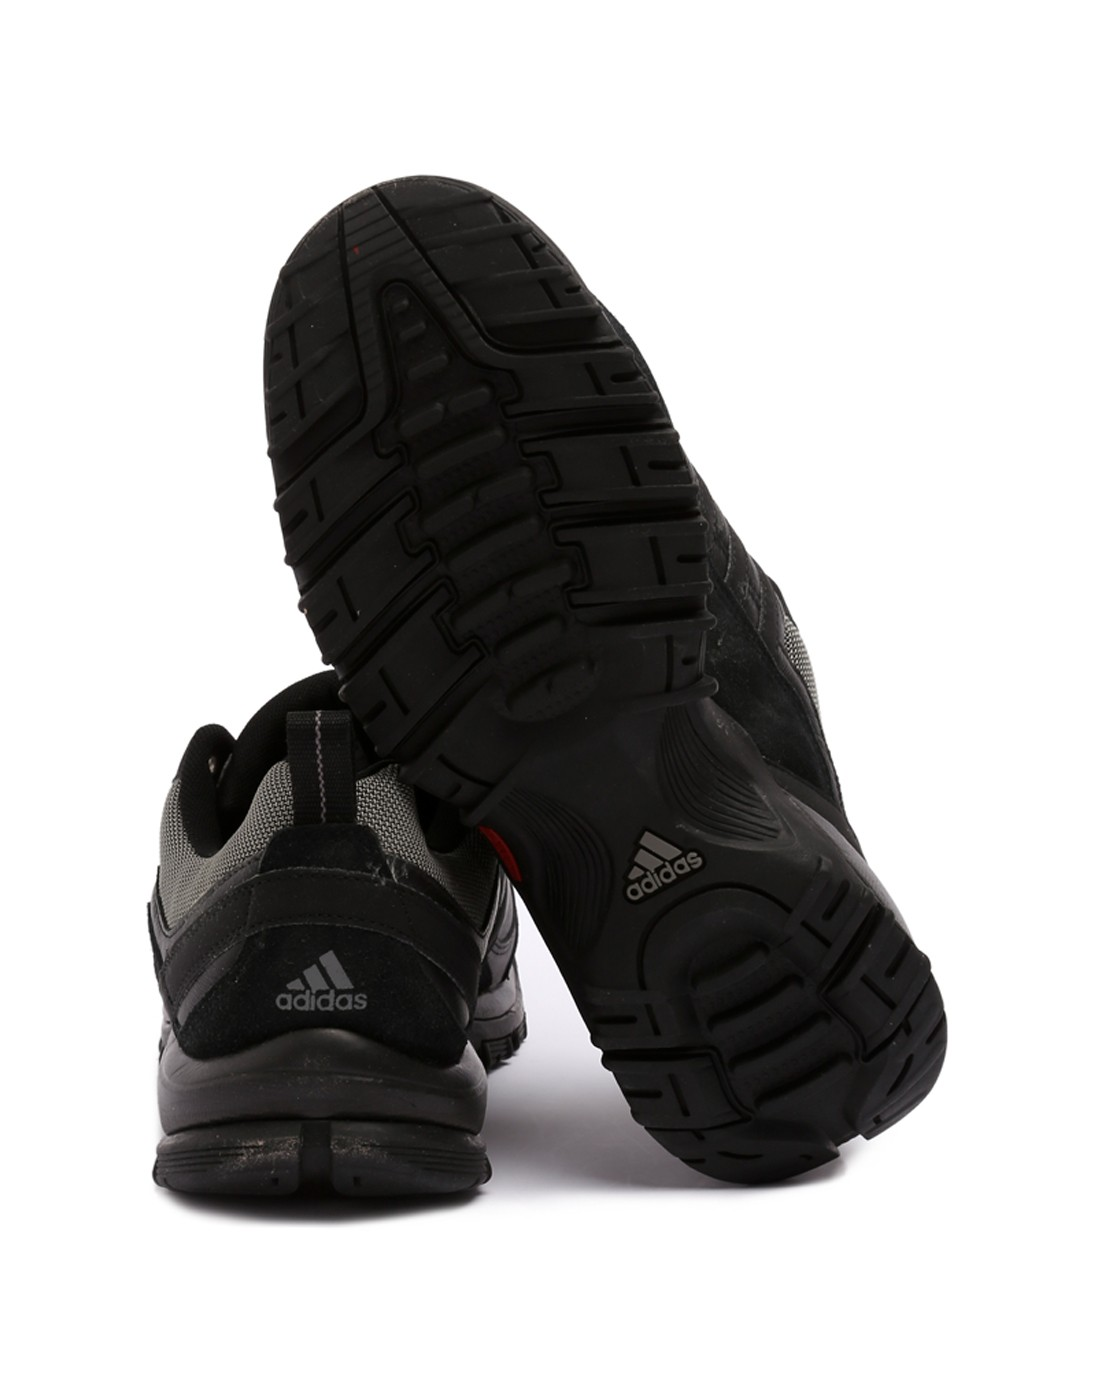 阿迪达斯adidas男鞋专场-男子黑色户外鞋